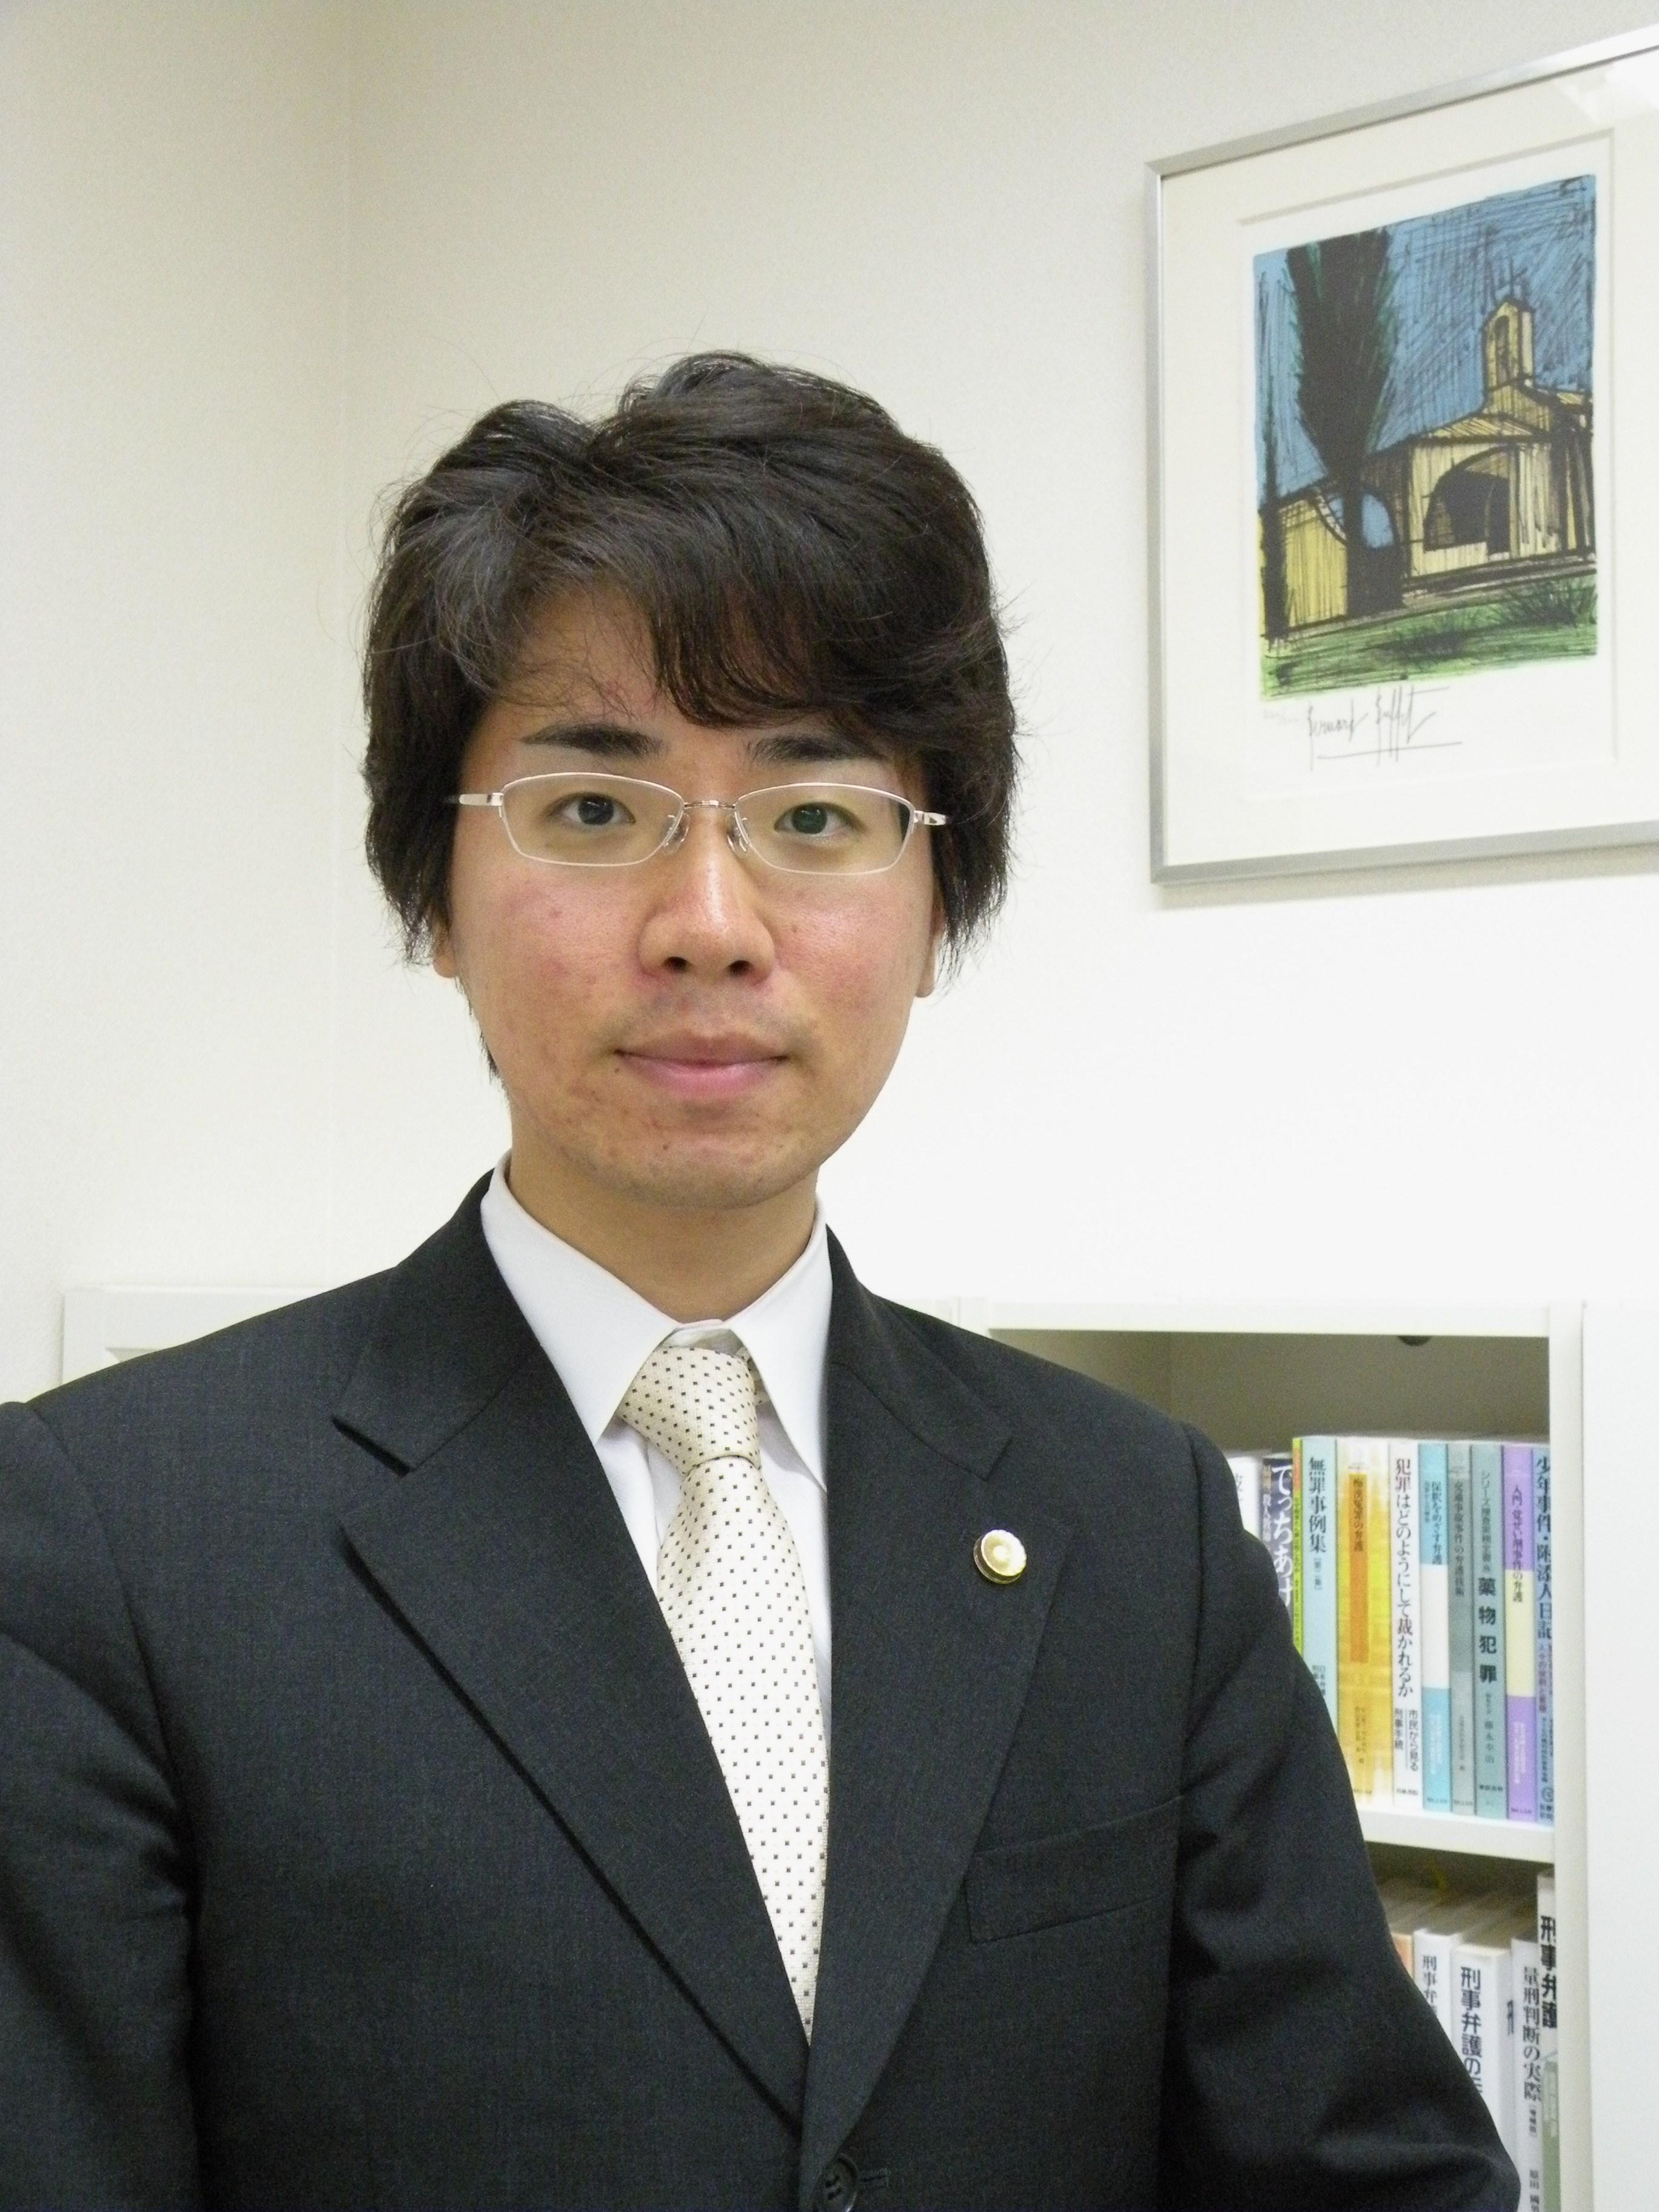 弁護士 藤井 総 (弁護士法人横浜パートナー法律事務所)